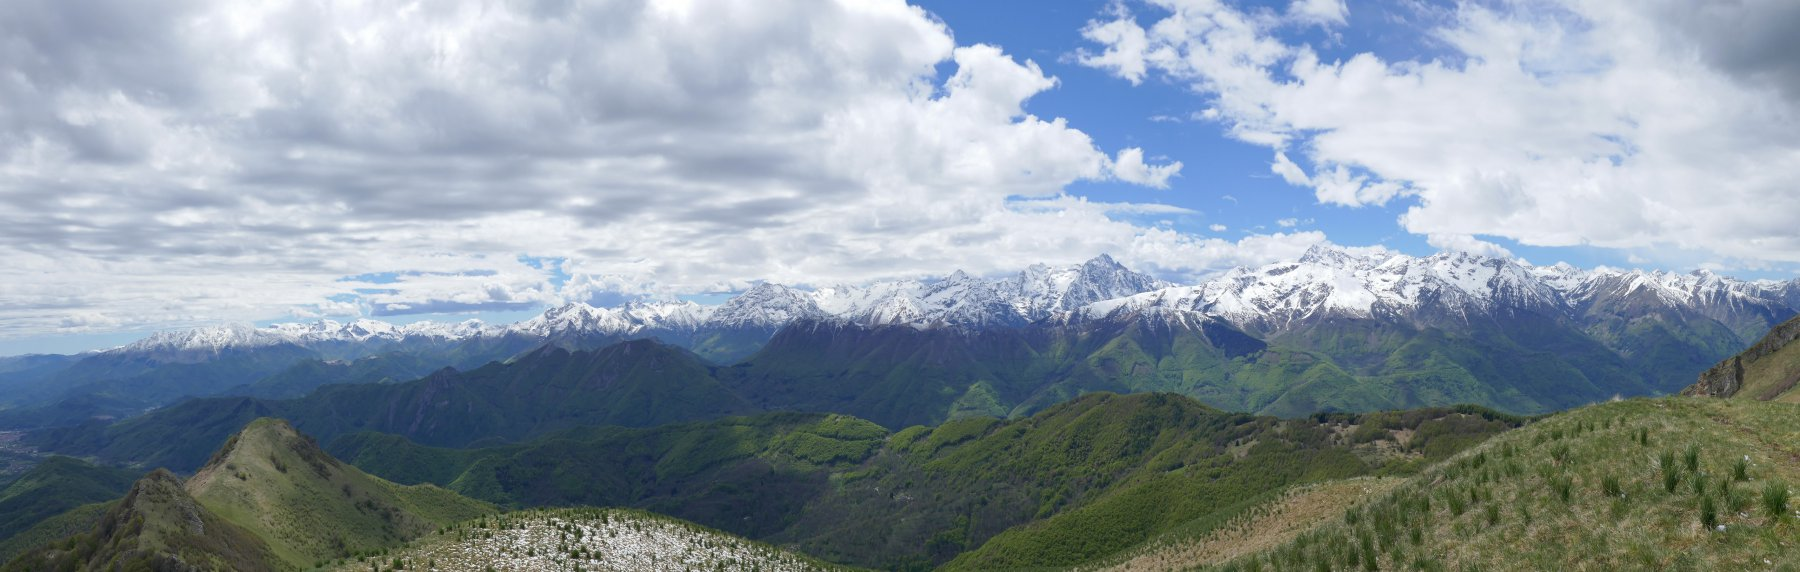 Panoramica dall'Alpe,il meteo in peggioramento....